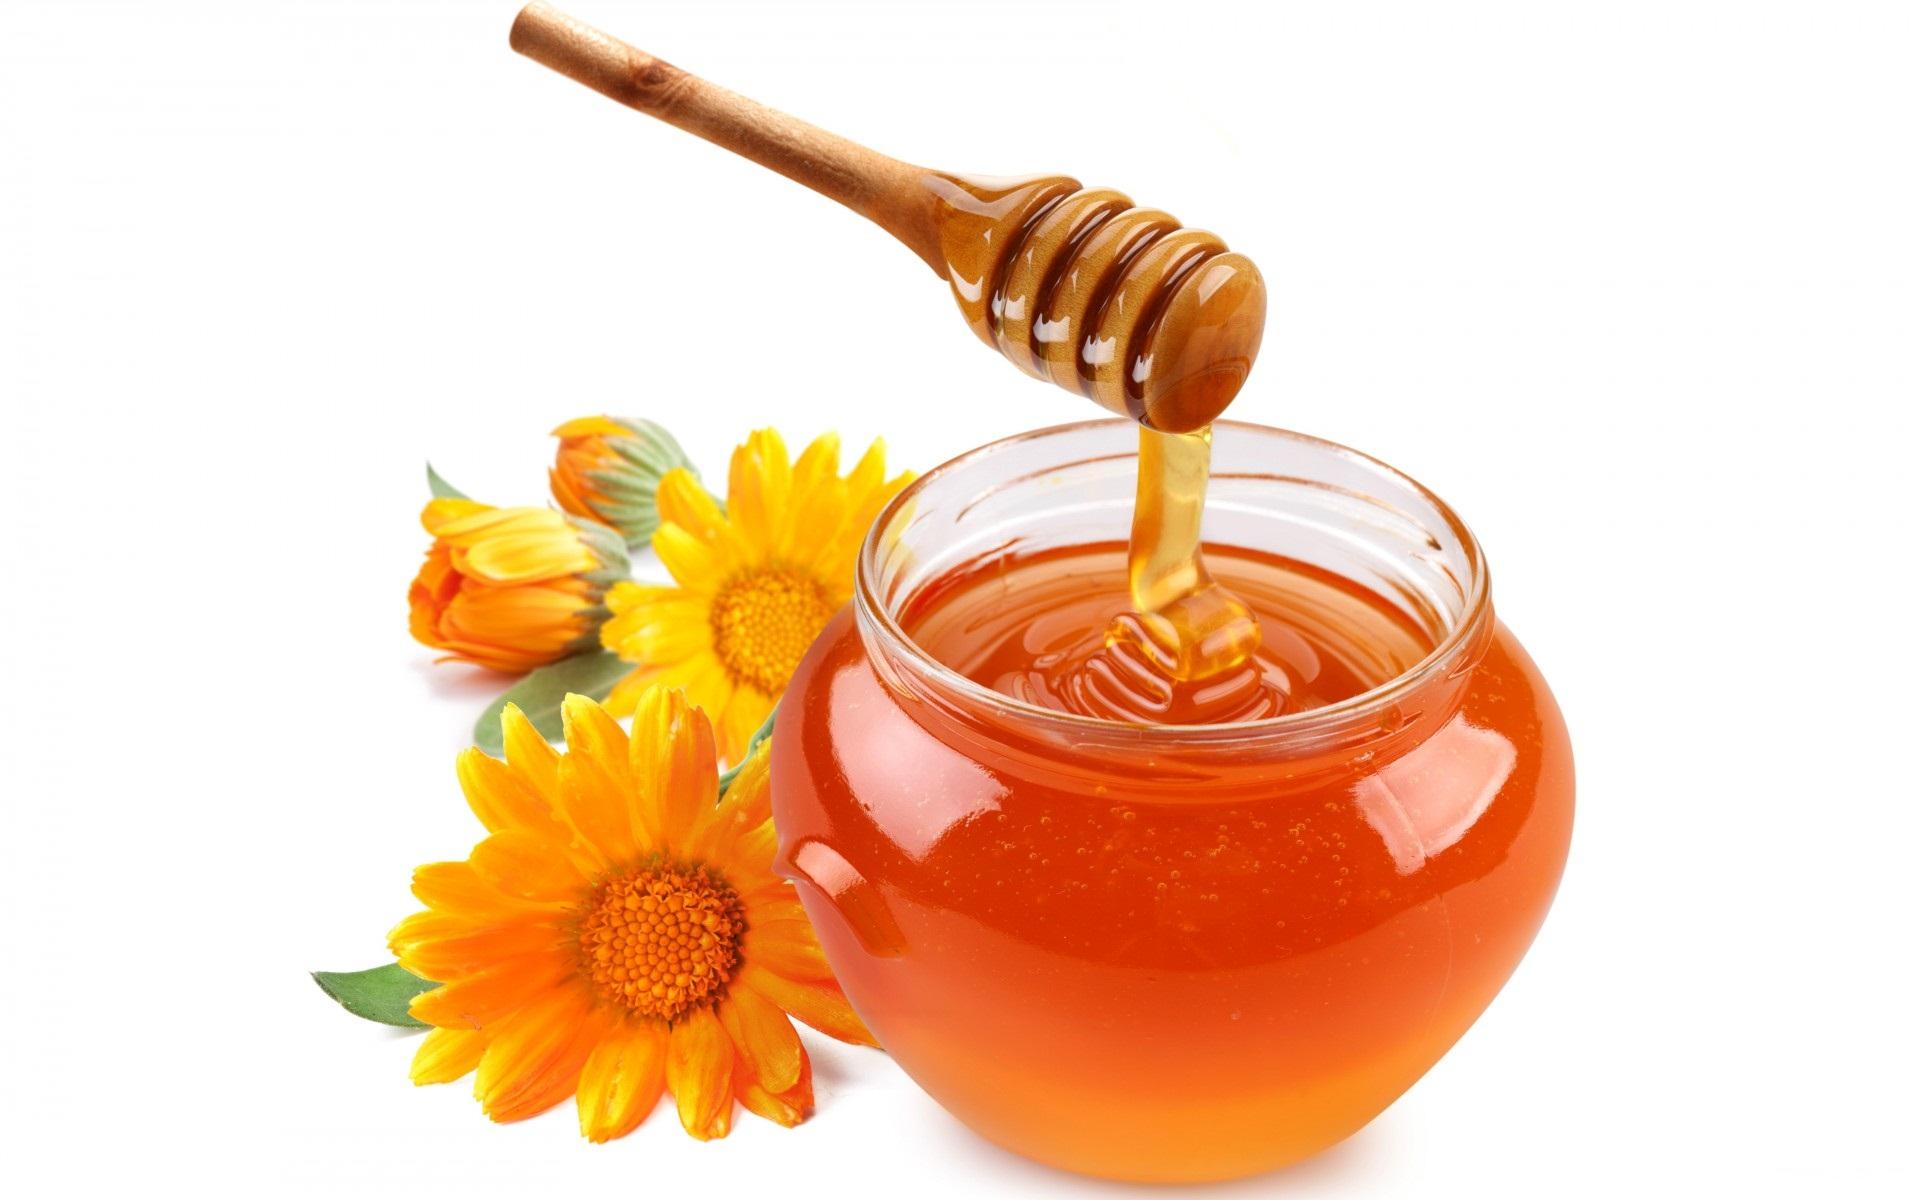 Holistic Pain Remedies - Honey